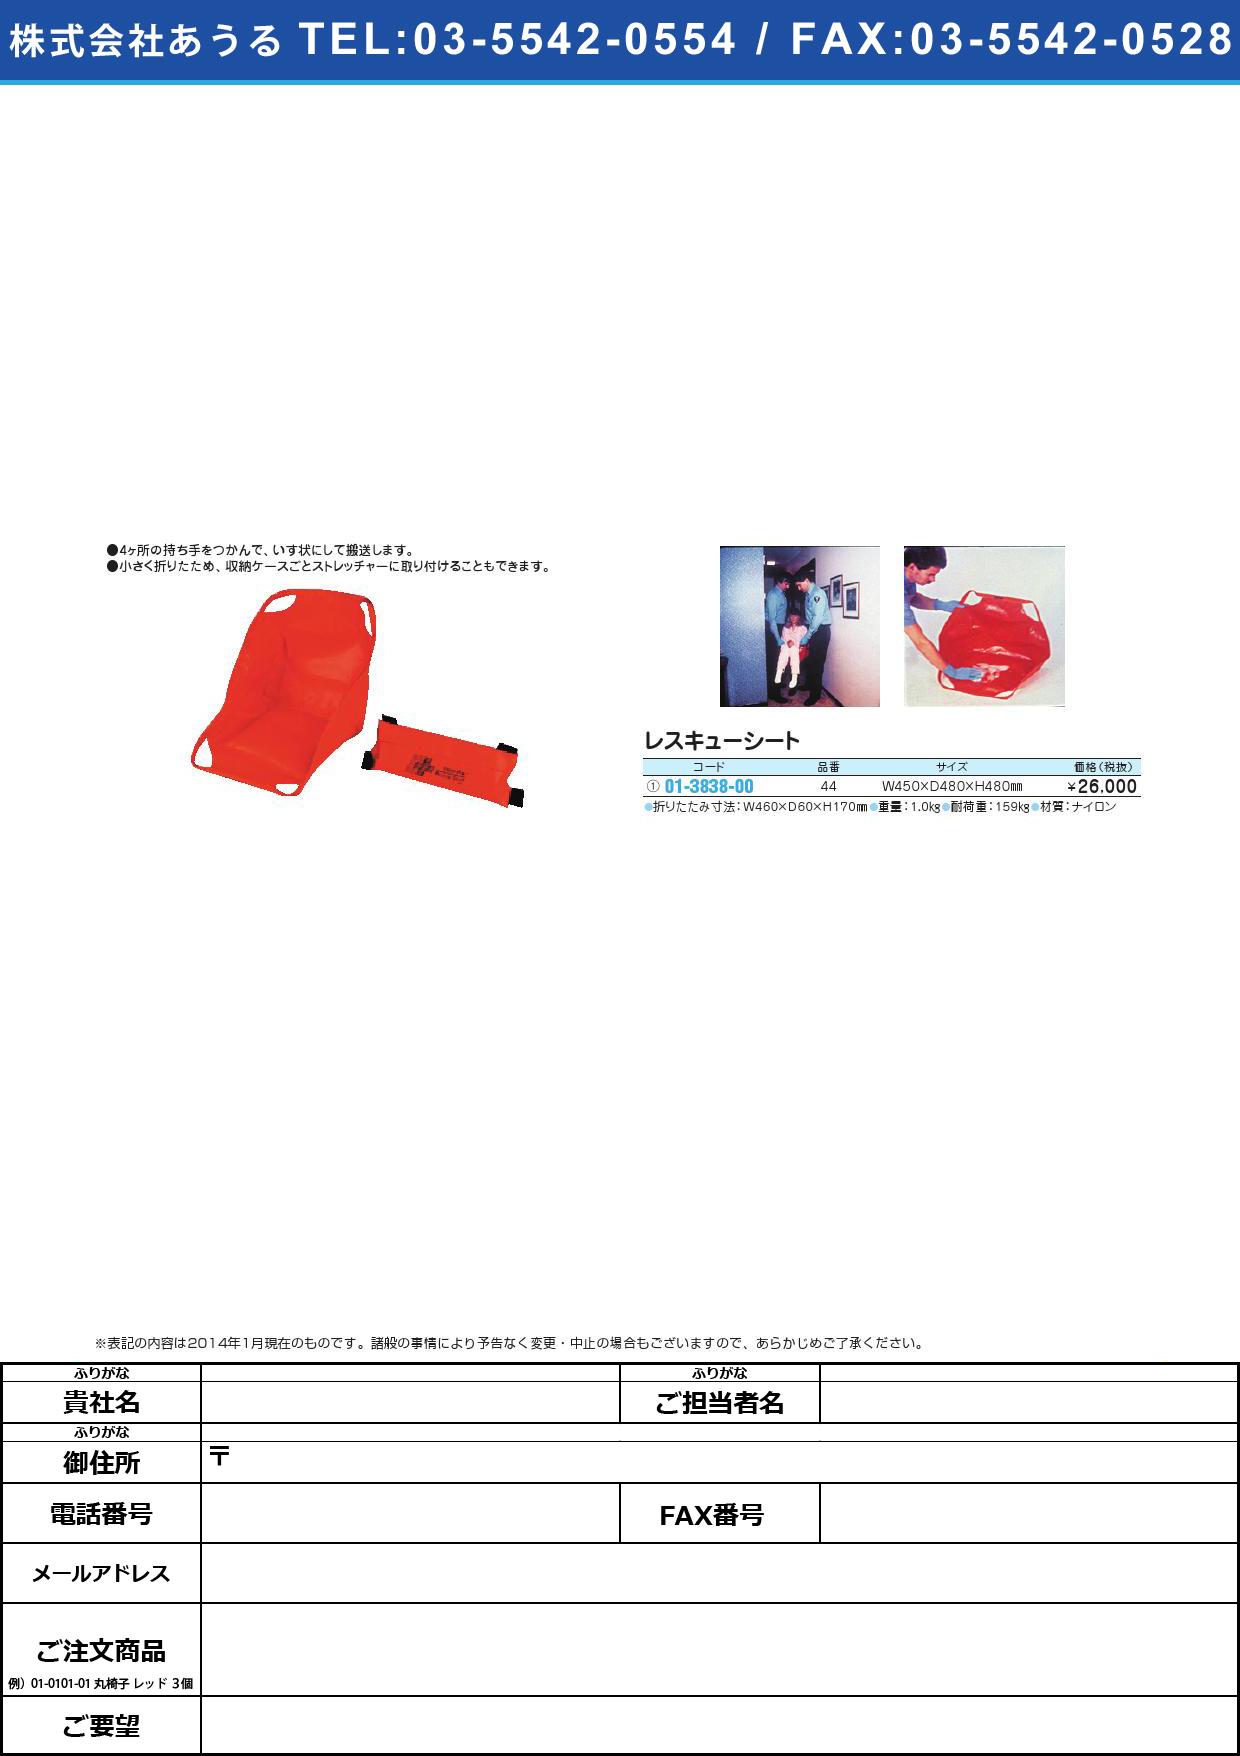 レスキューシート レスキューシート(01-3838-00)44【1台単位】